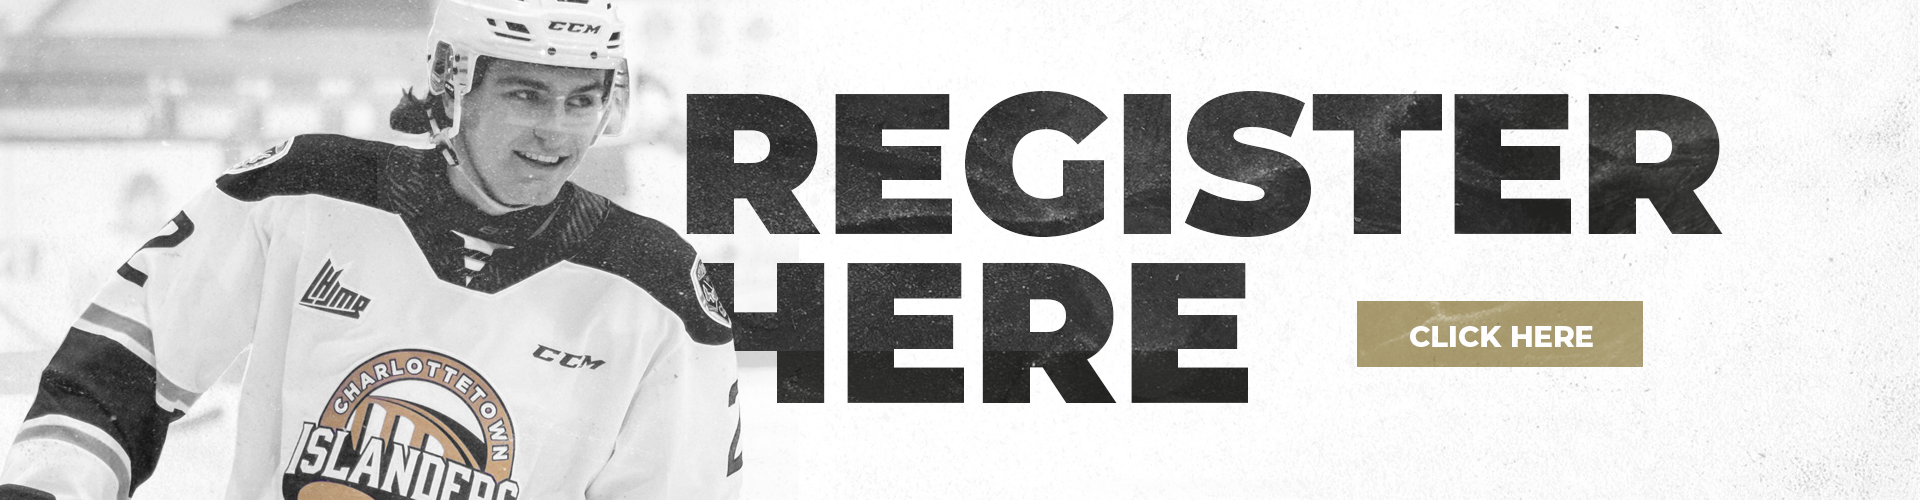 RegisterHere-Button